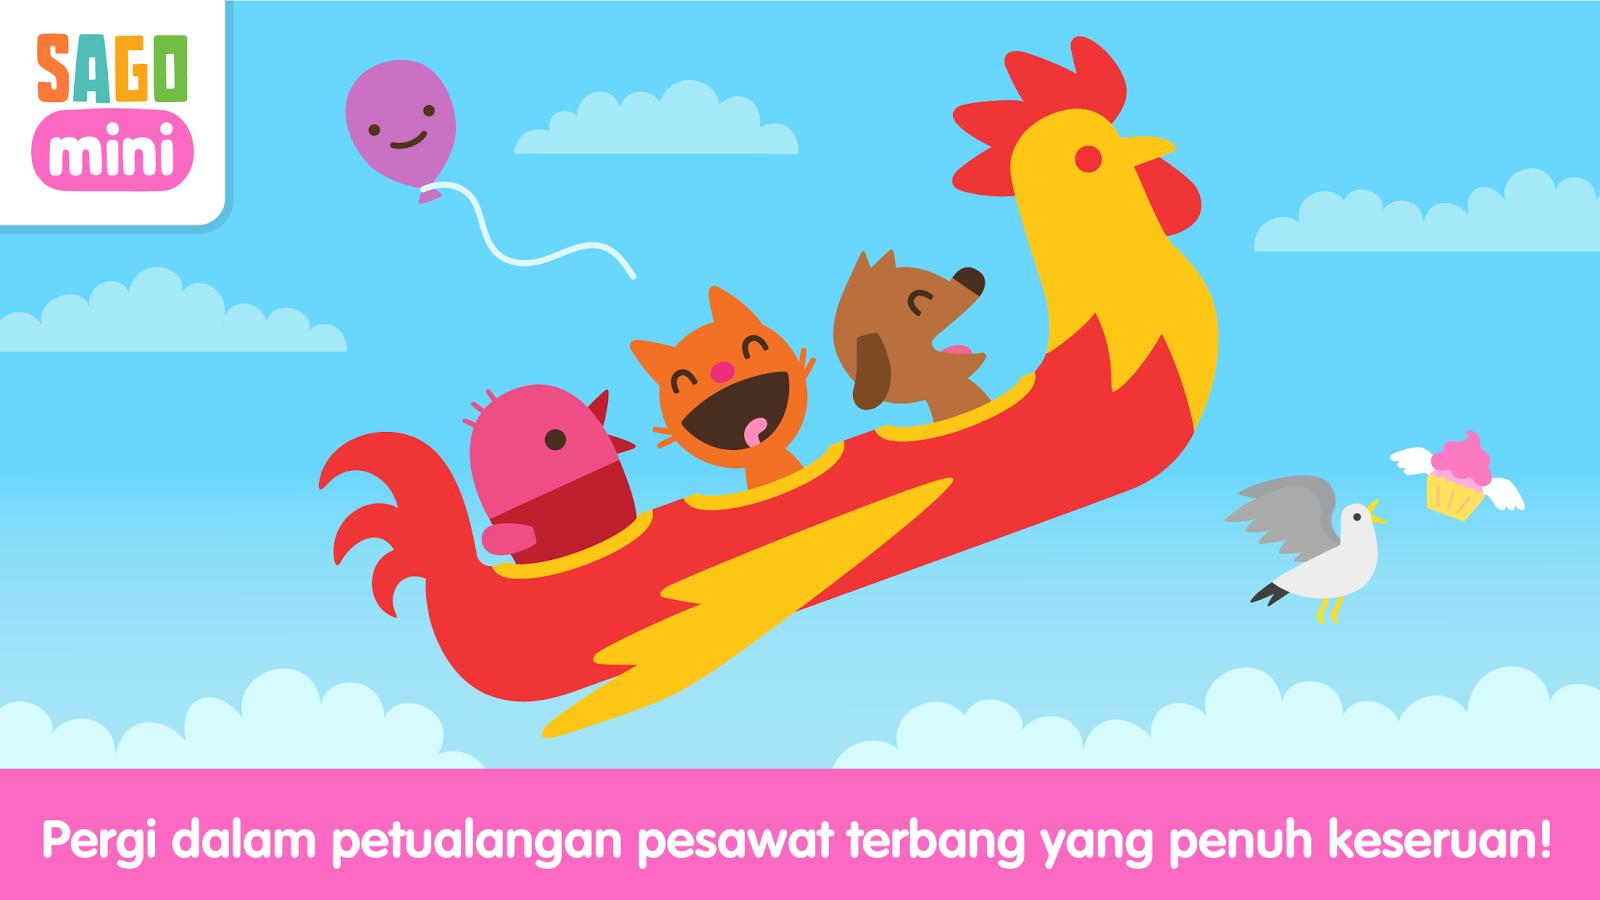 Pesawat Terbang Sago Mini Apl Android Di Google Play